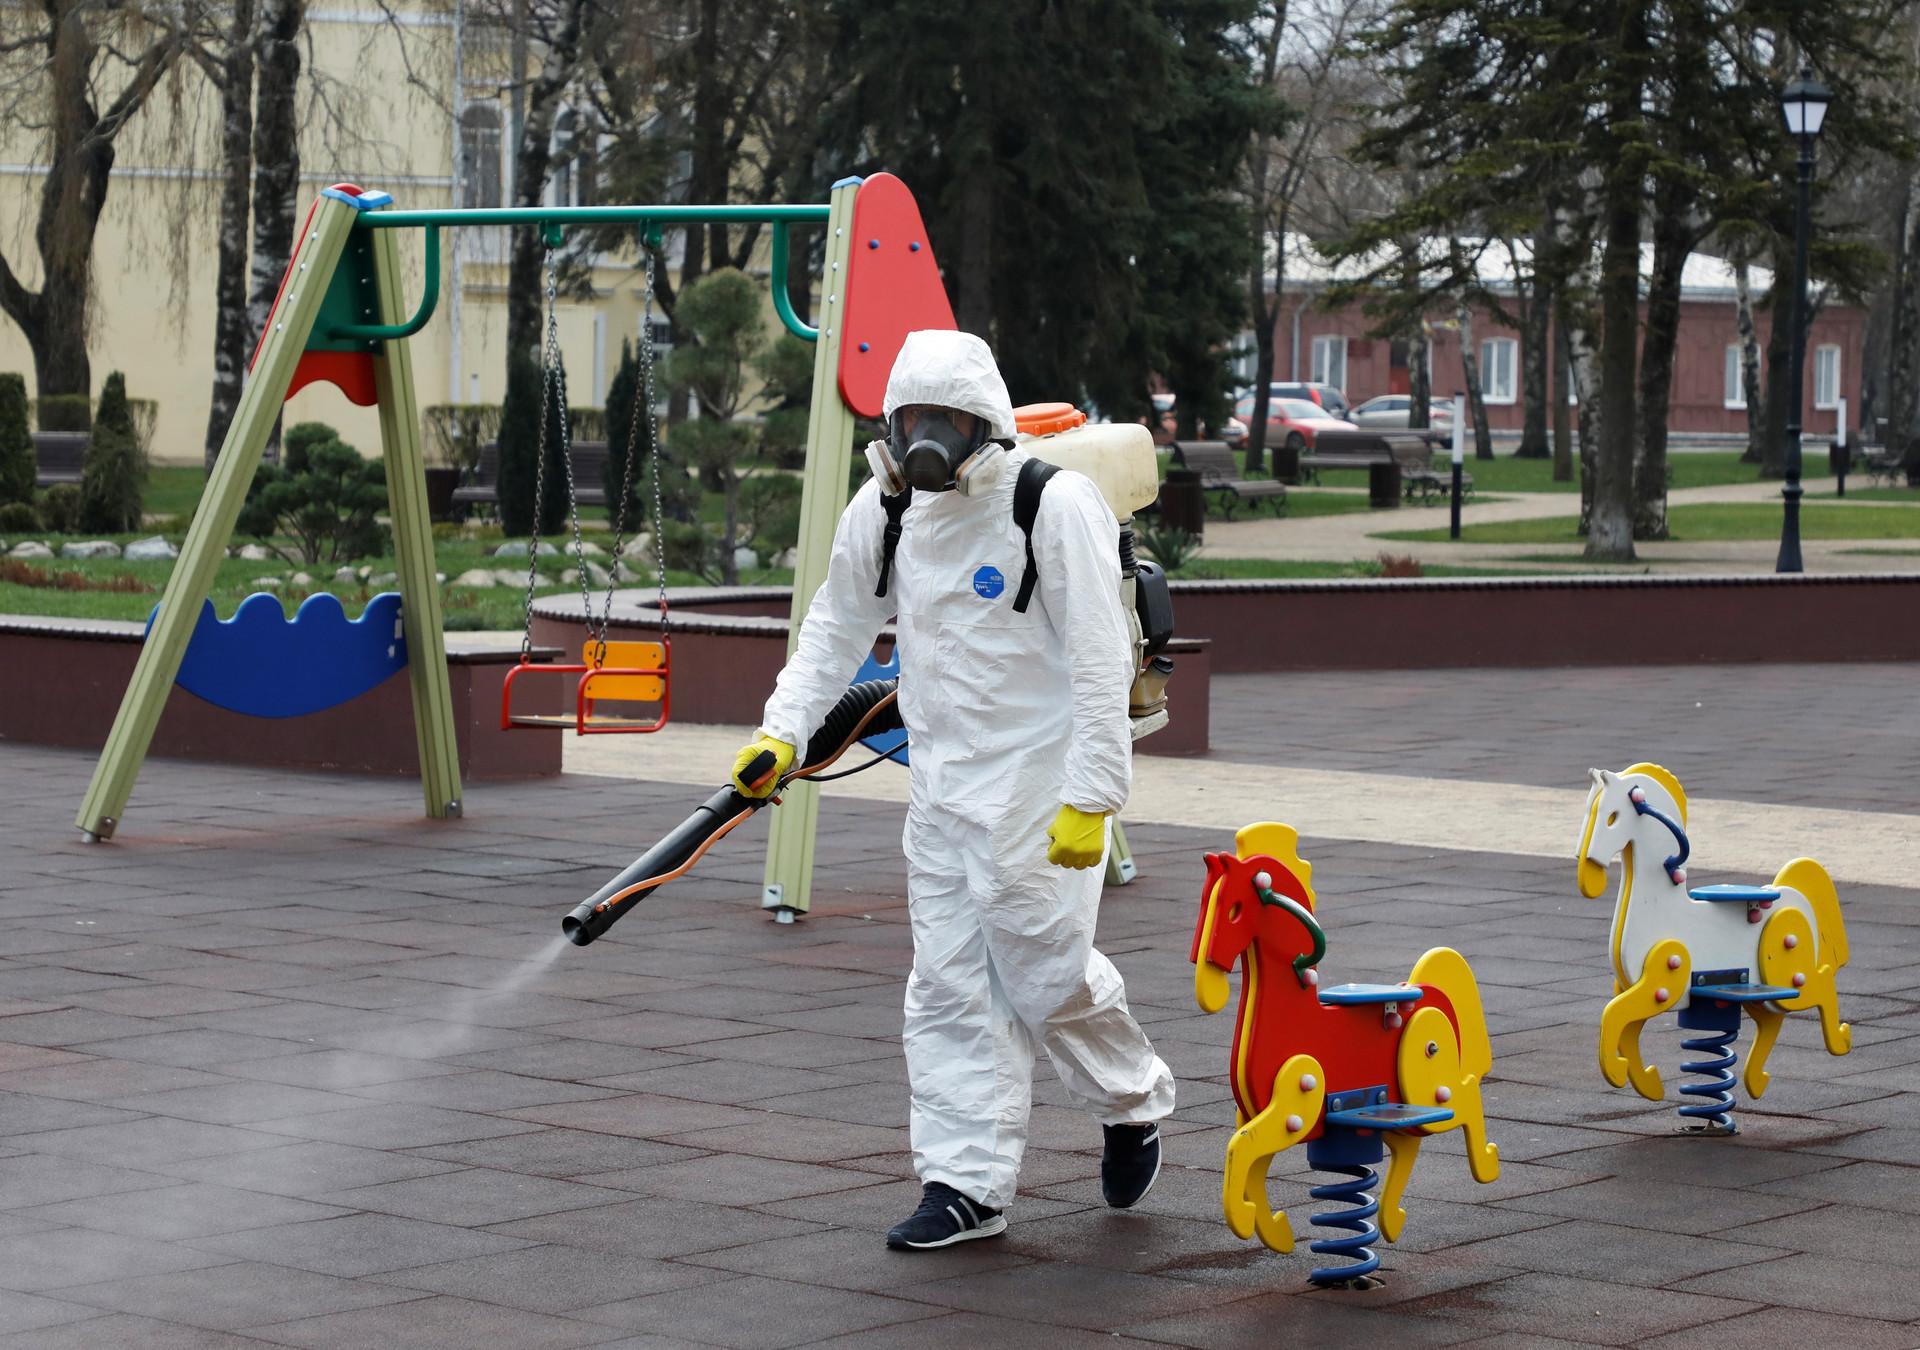 Razkuževanje javnih površin v Stavropolu, Rusija